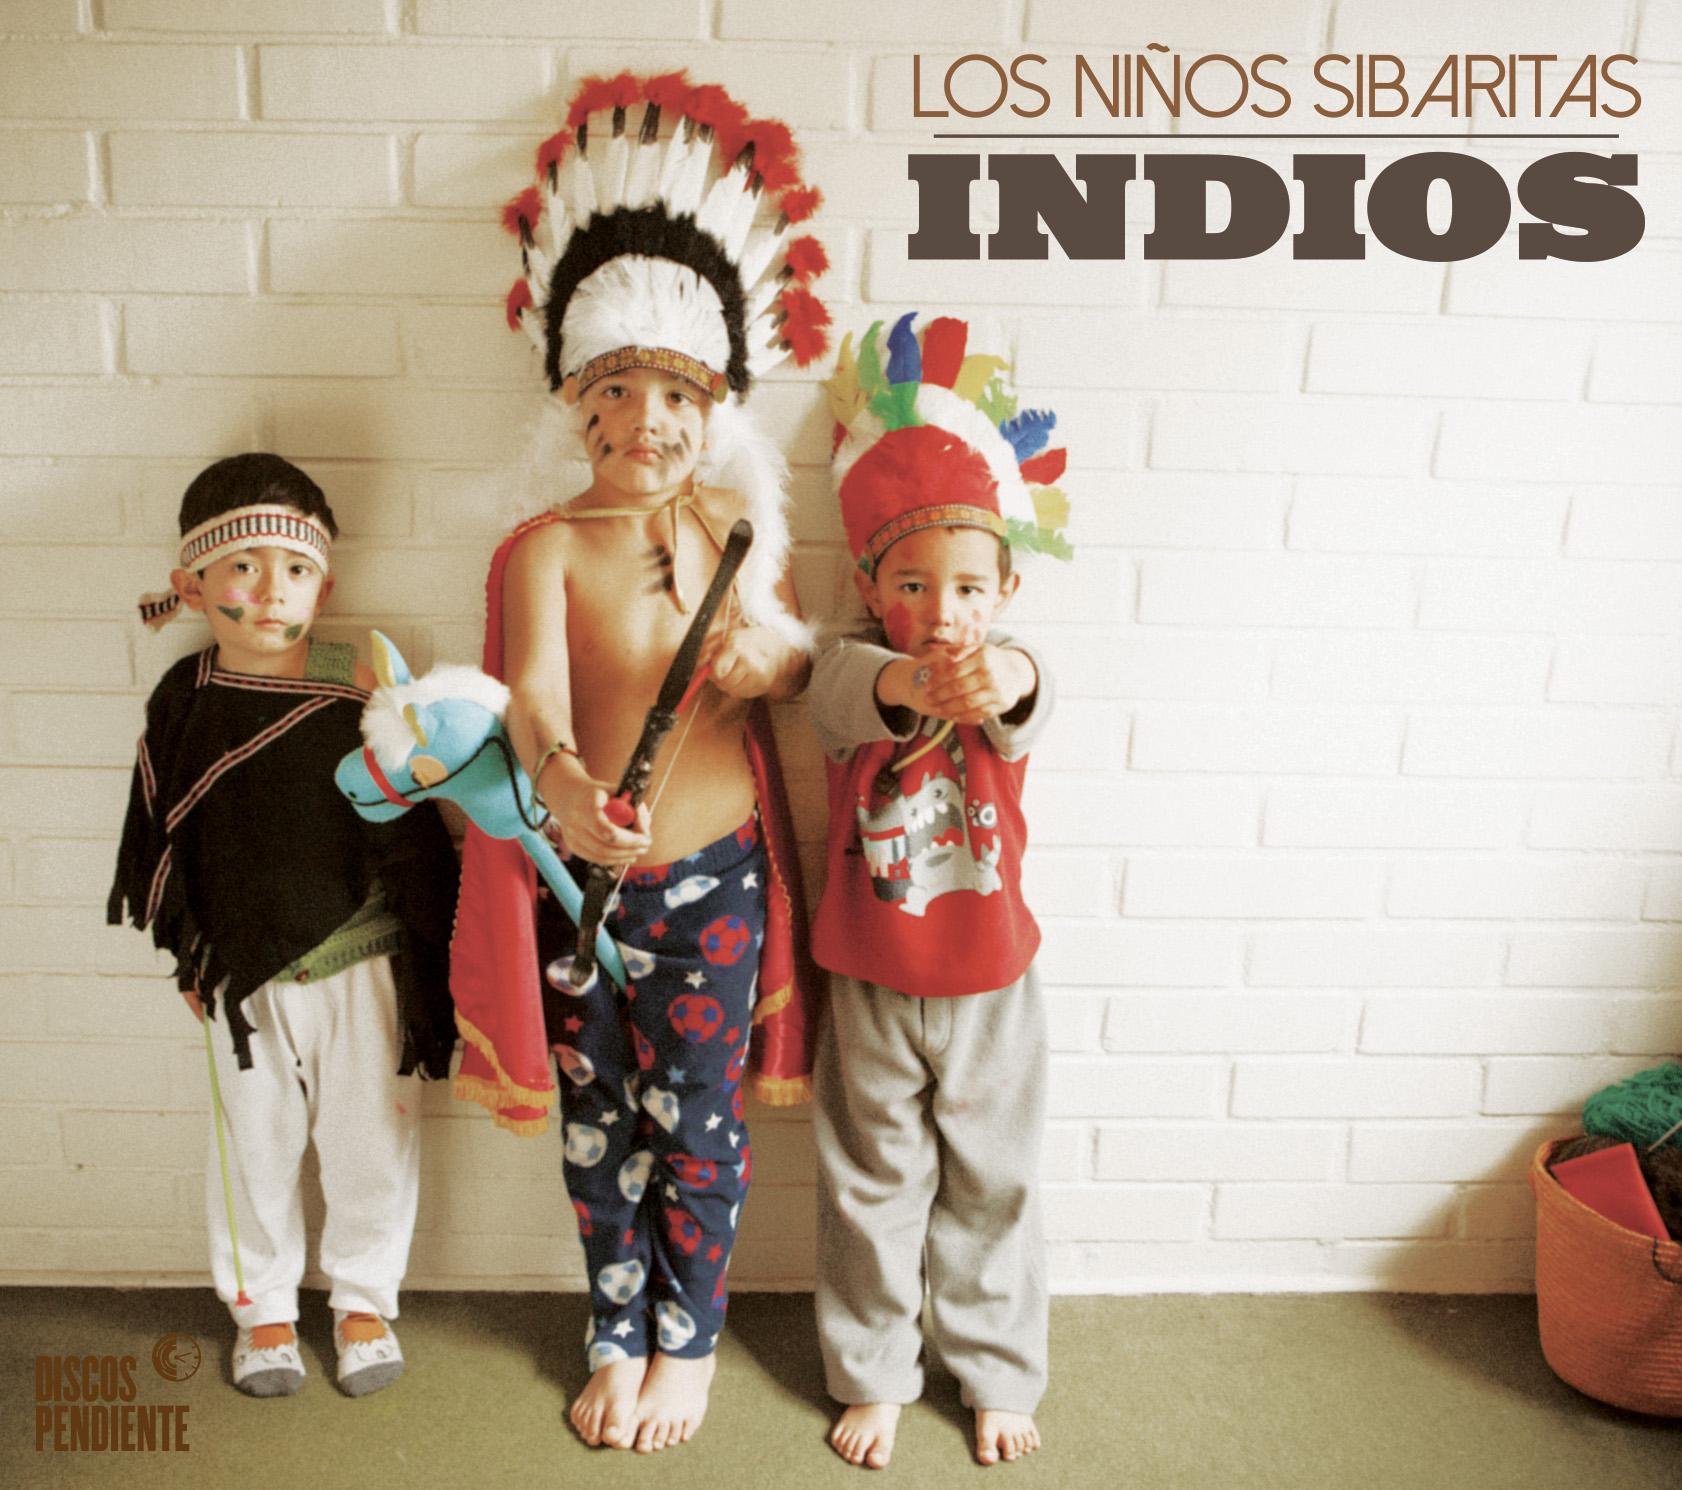 Indios (DPCD34)